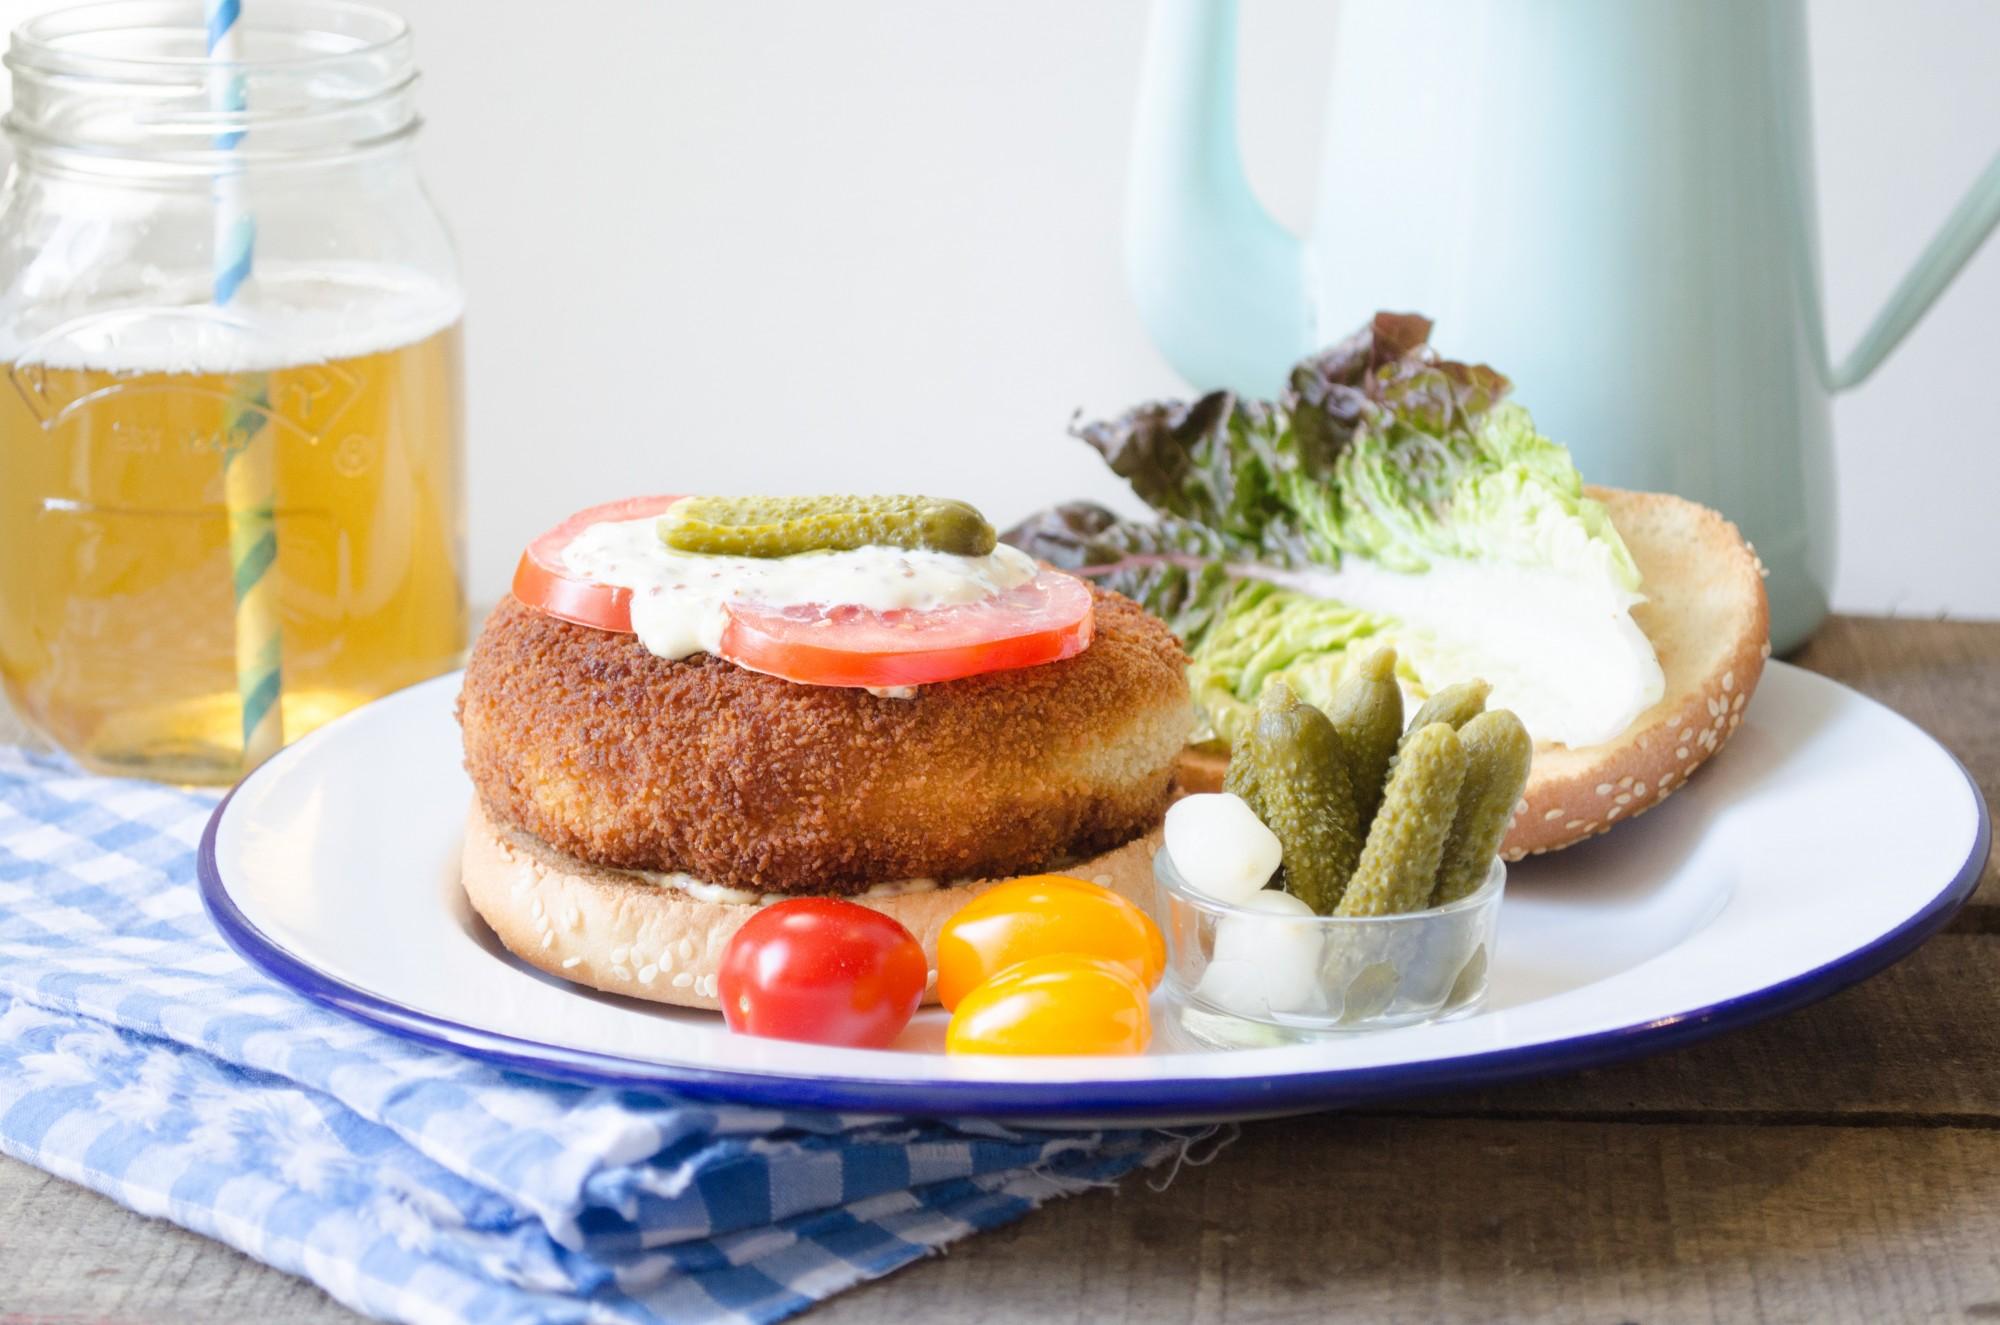 burger vegetarien steak de pommes de terre pané fourré à la raclette sauce moutarde à l'ancienne Falcon Enamelware